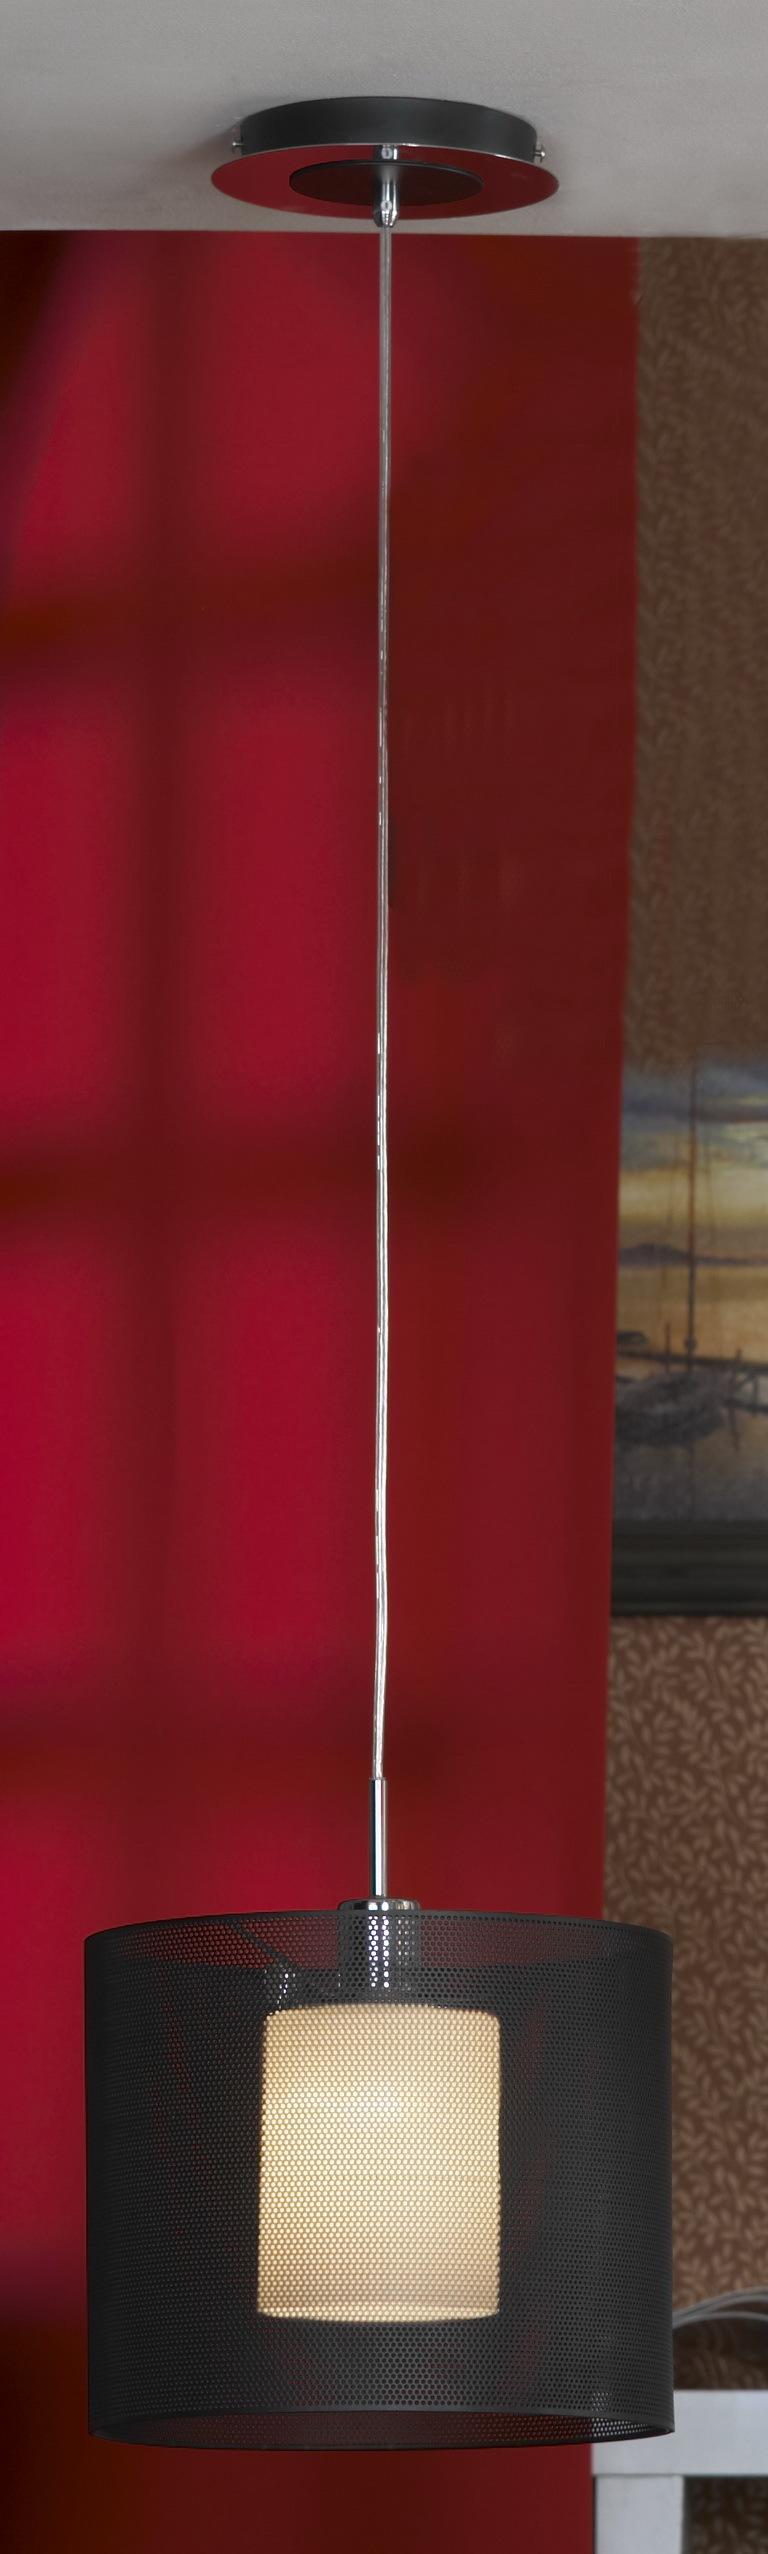 Подвесной светильник Lussole Loft Rovella LSF-1916-01, IP21, 1xE27x60W, хром, черный, металл - фото 1